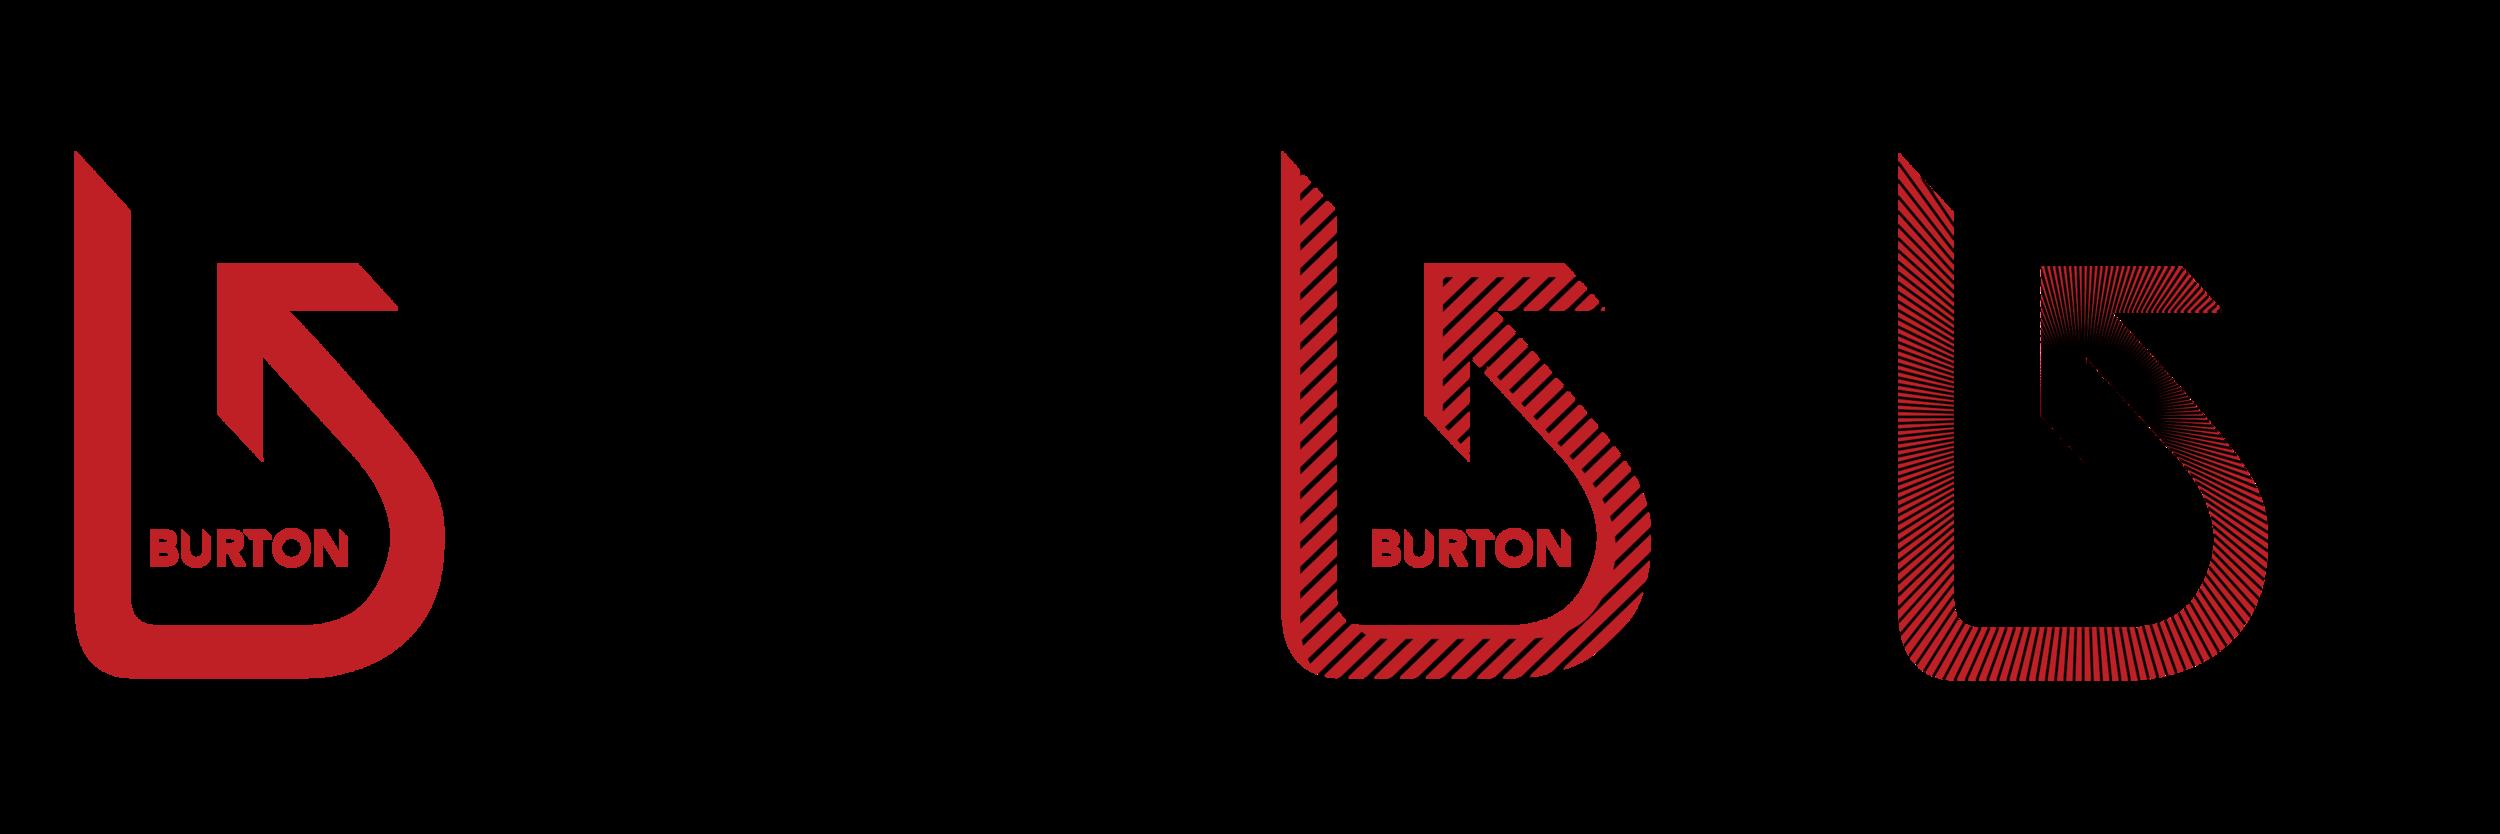 Burton logo redesign proposal